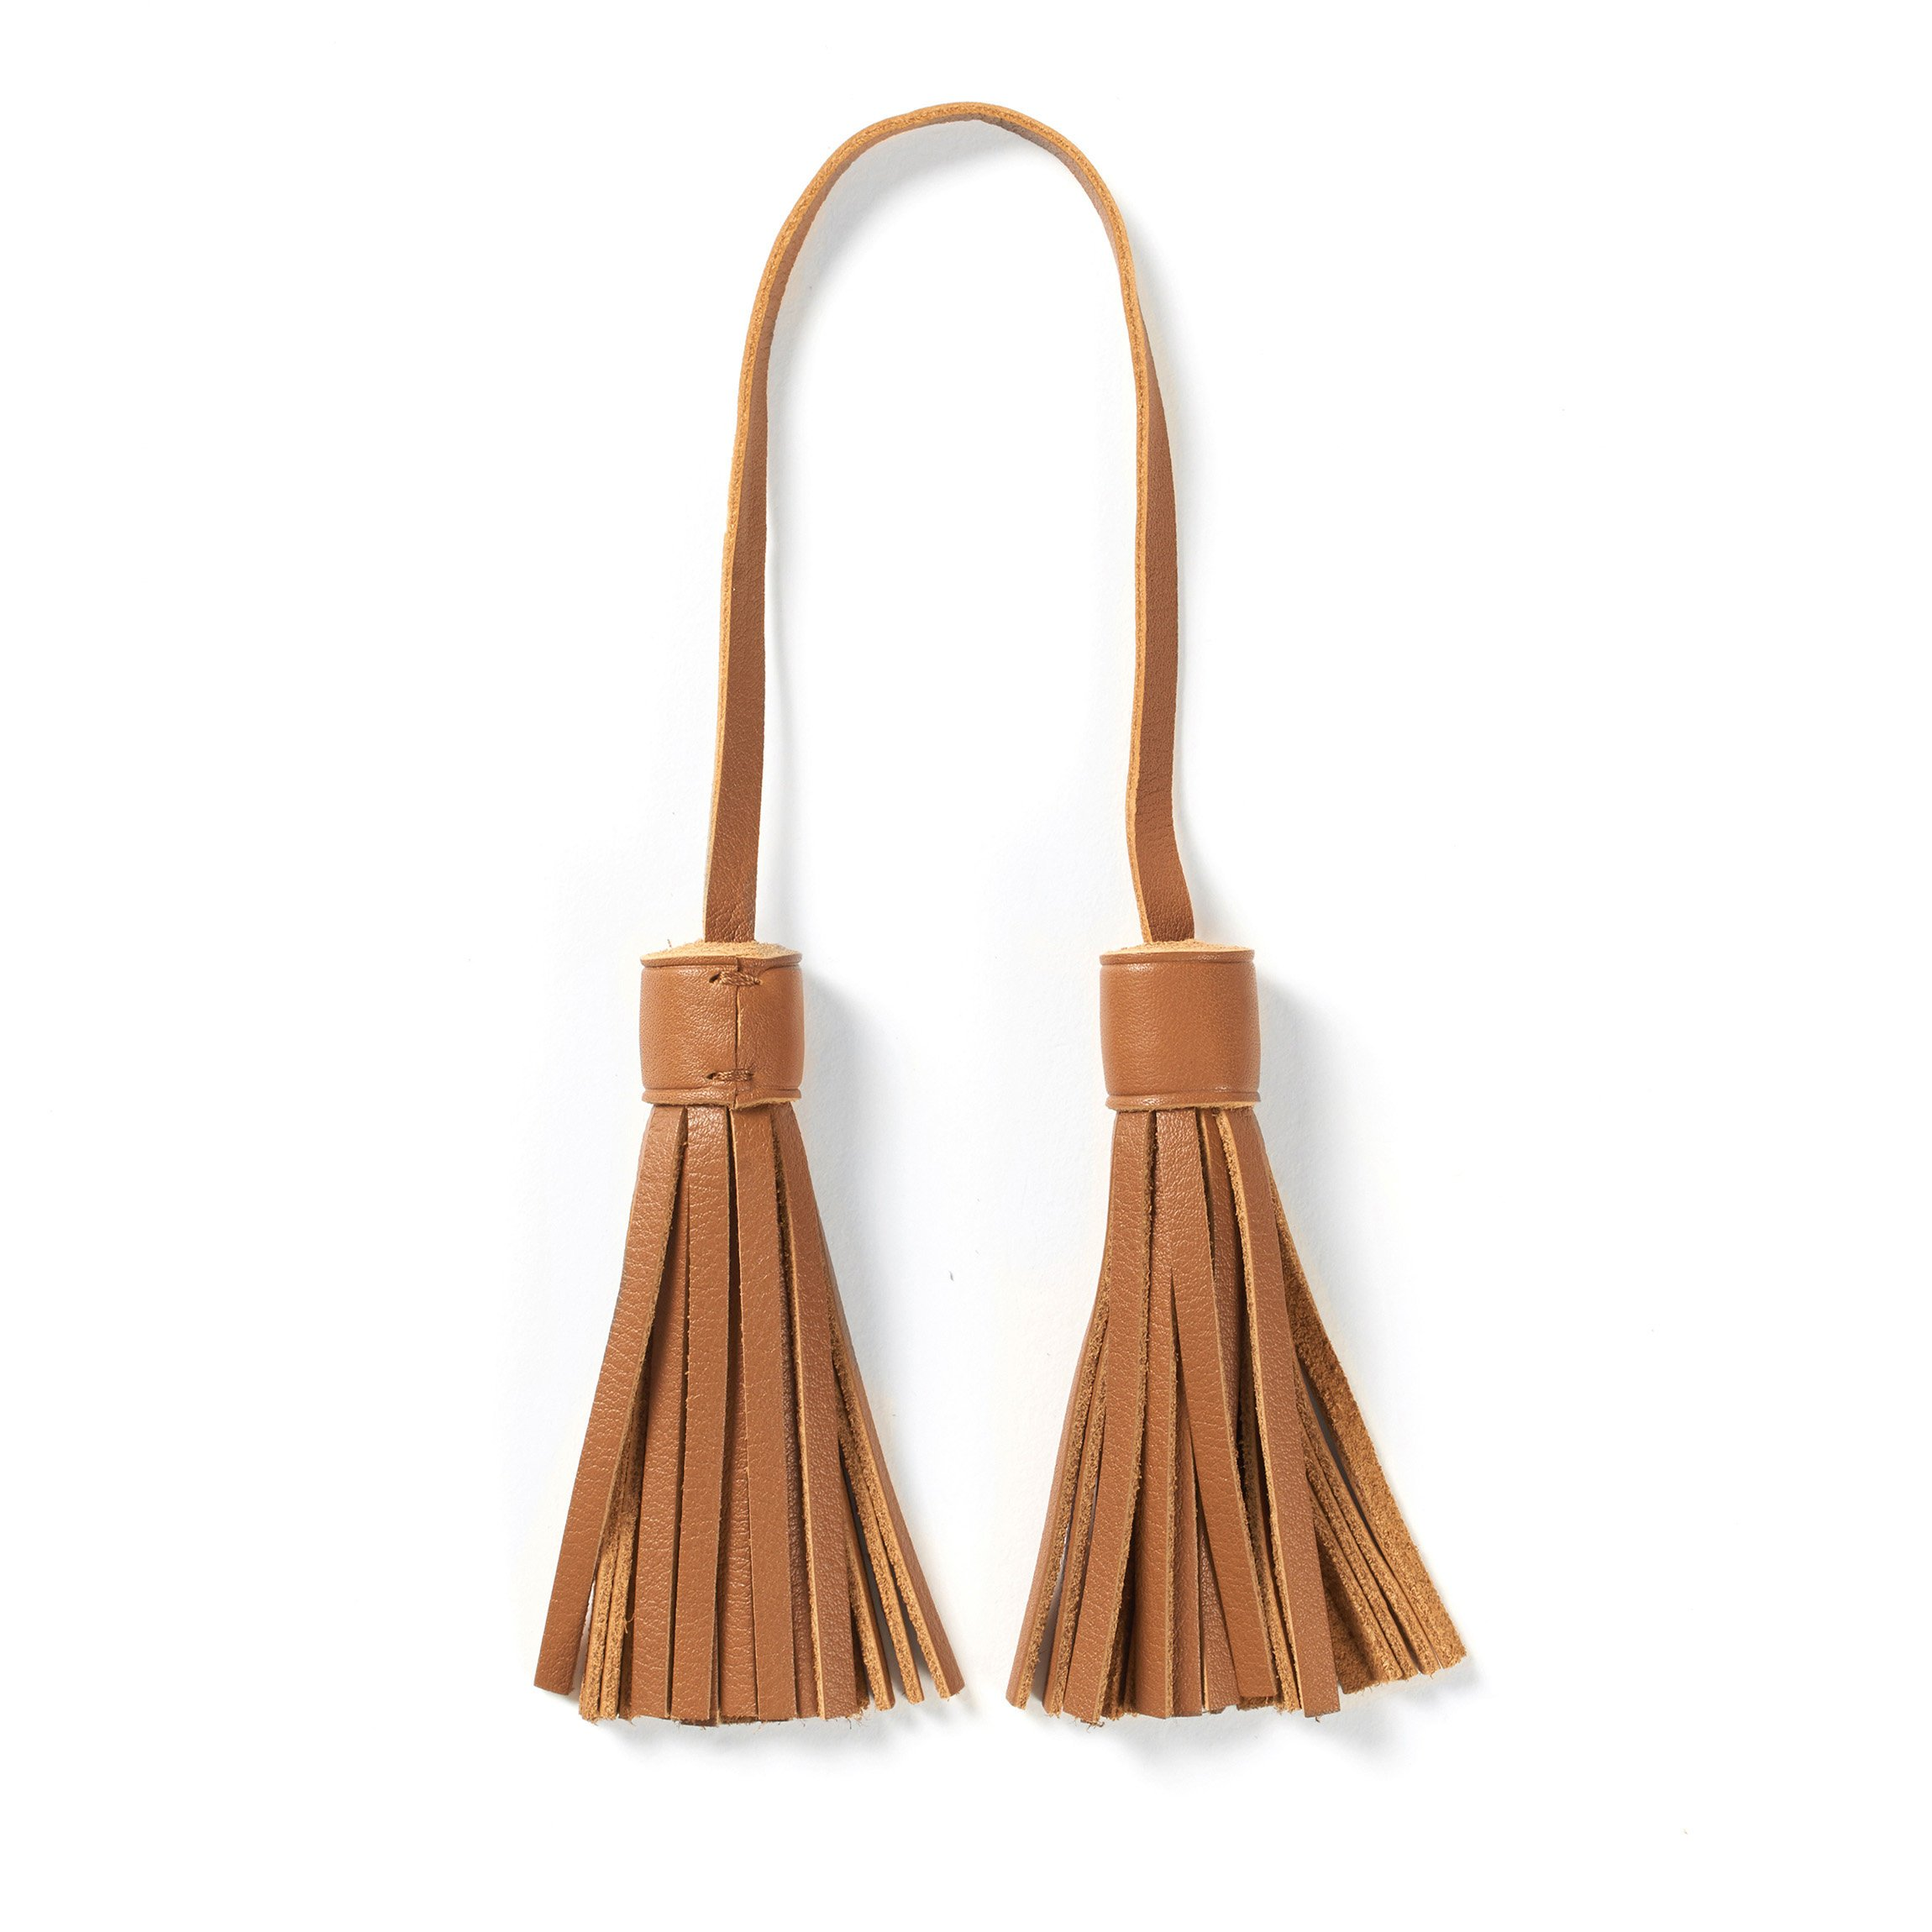 Tassel Bag Tag - Full Grain Leather - Cognac (brown)